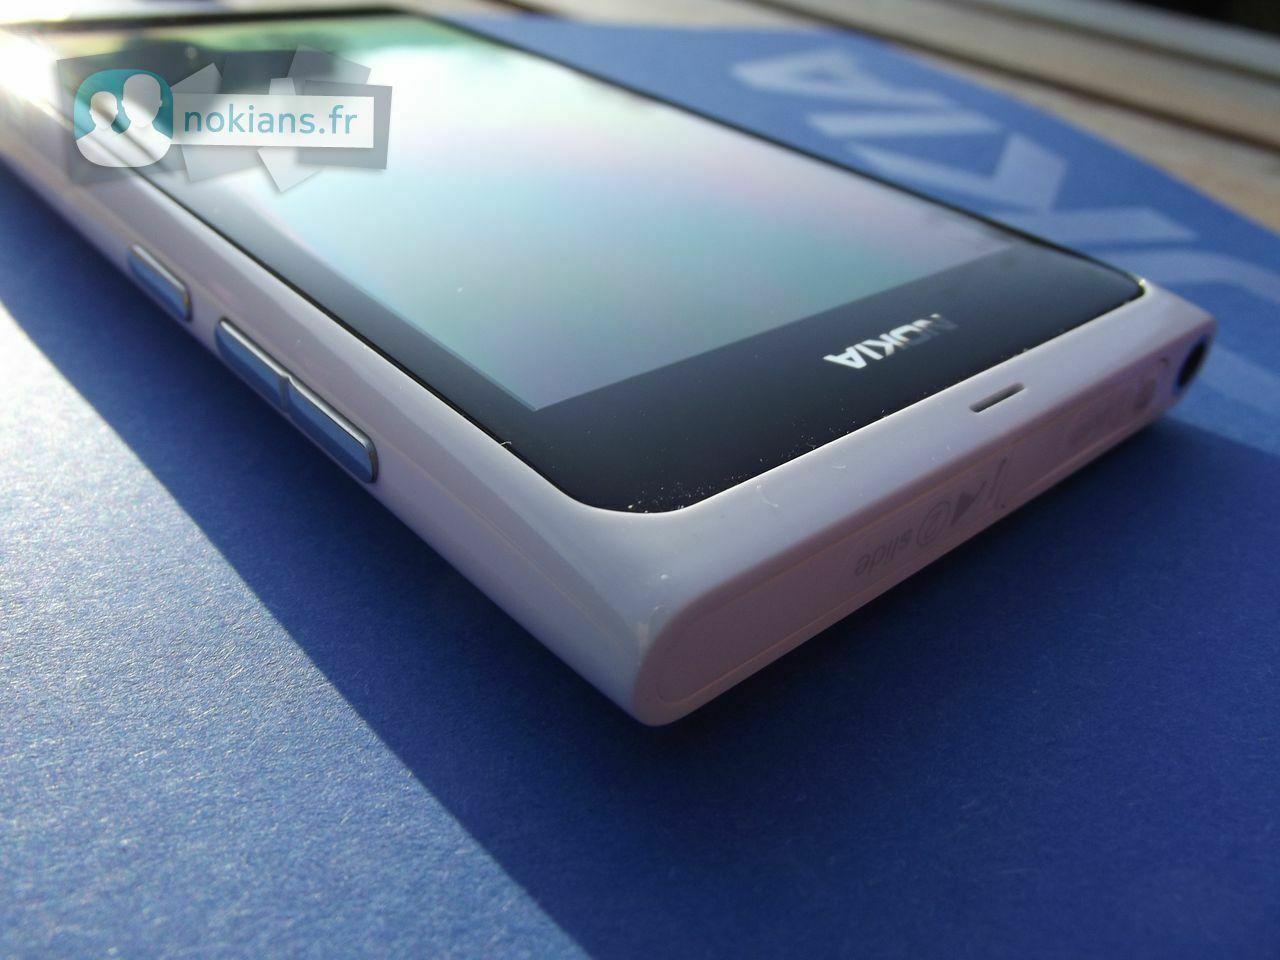 Déverrouillez votre N9 en un double-clic (sur la tranche)